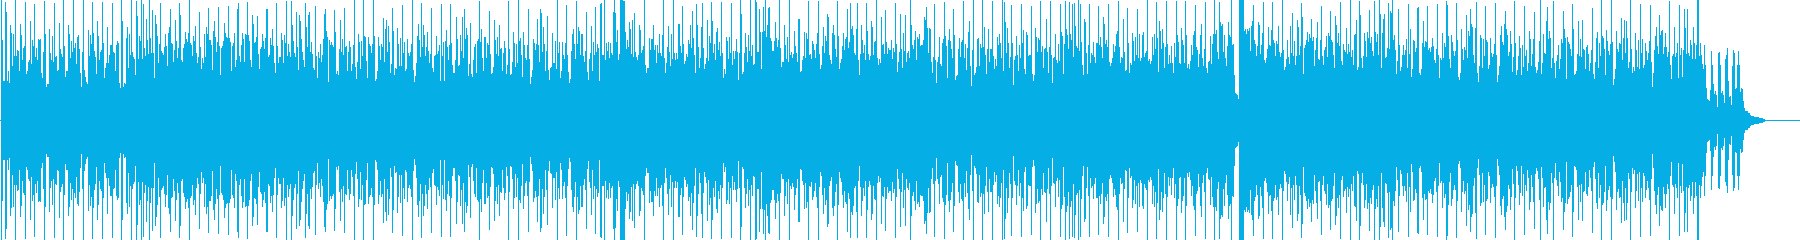 スパイ映画風ストリングスロックの再生済みの波形